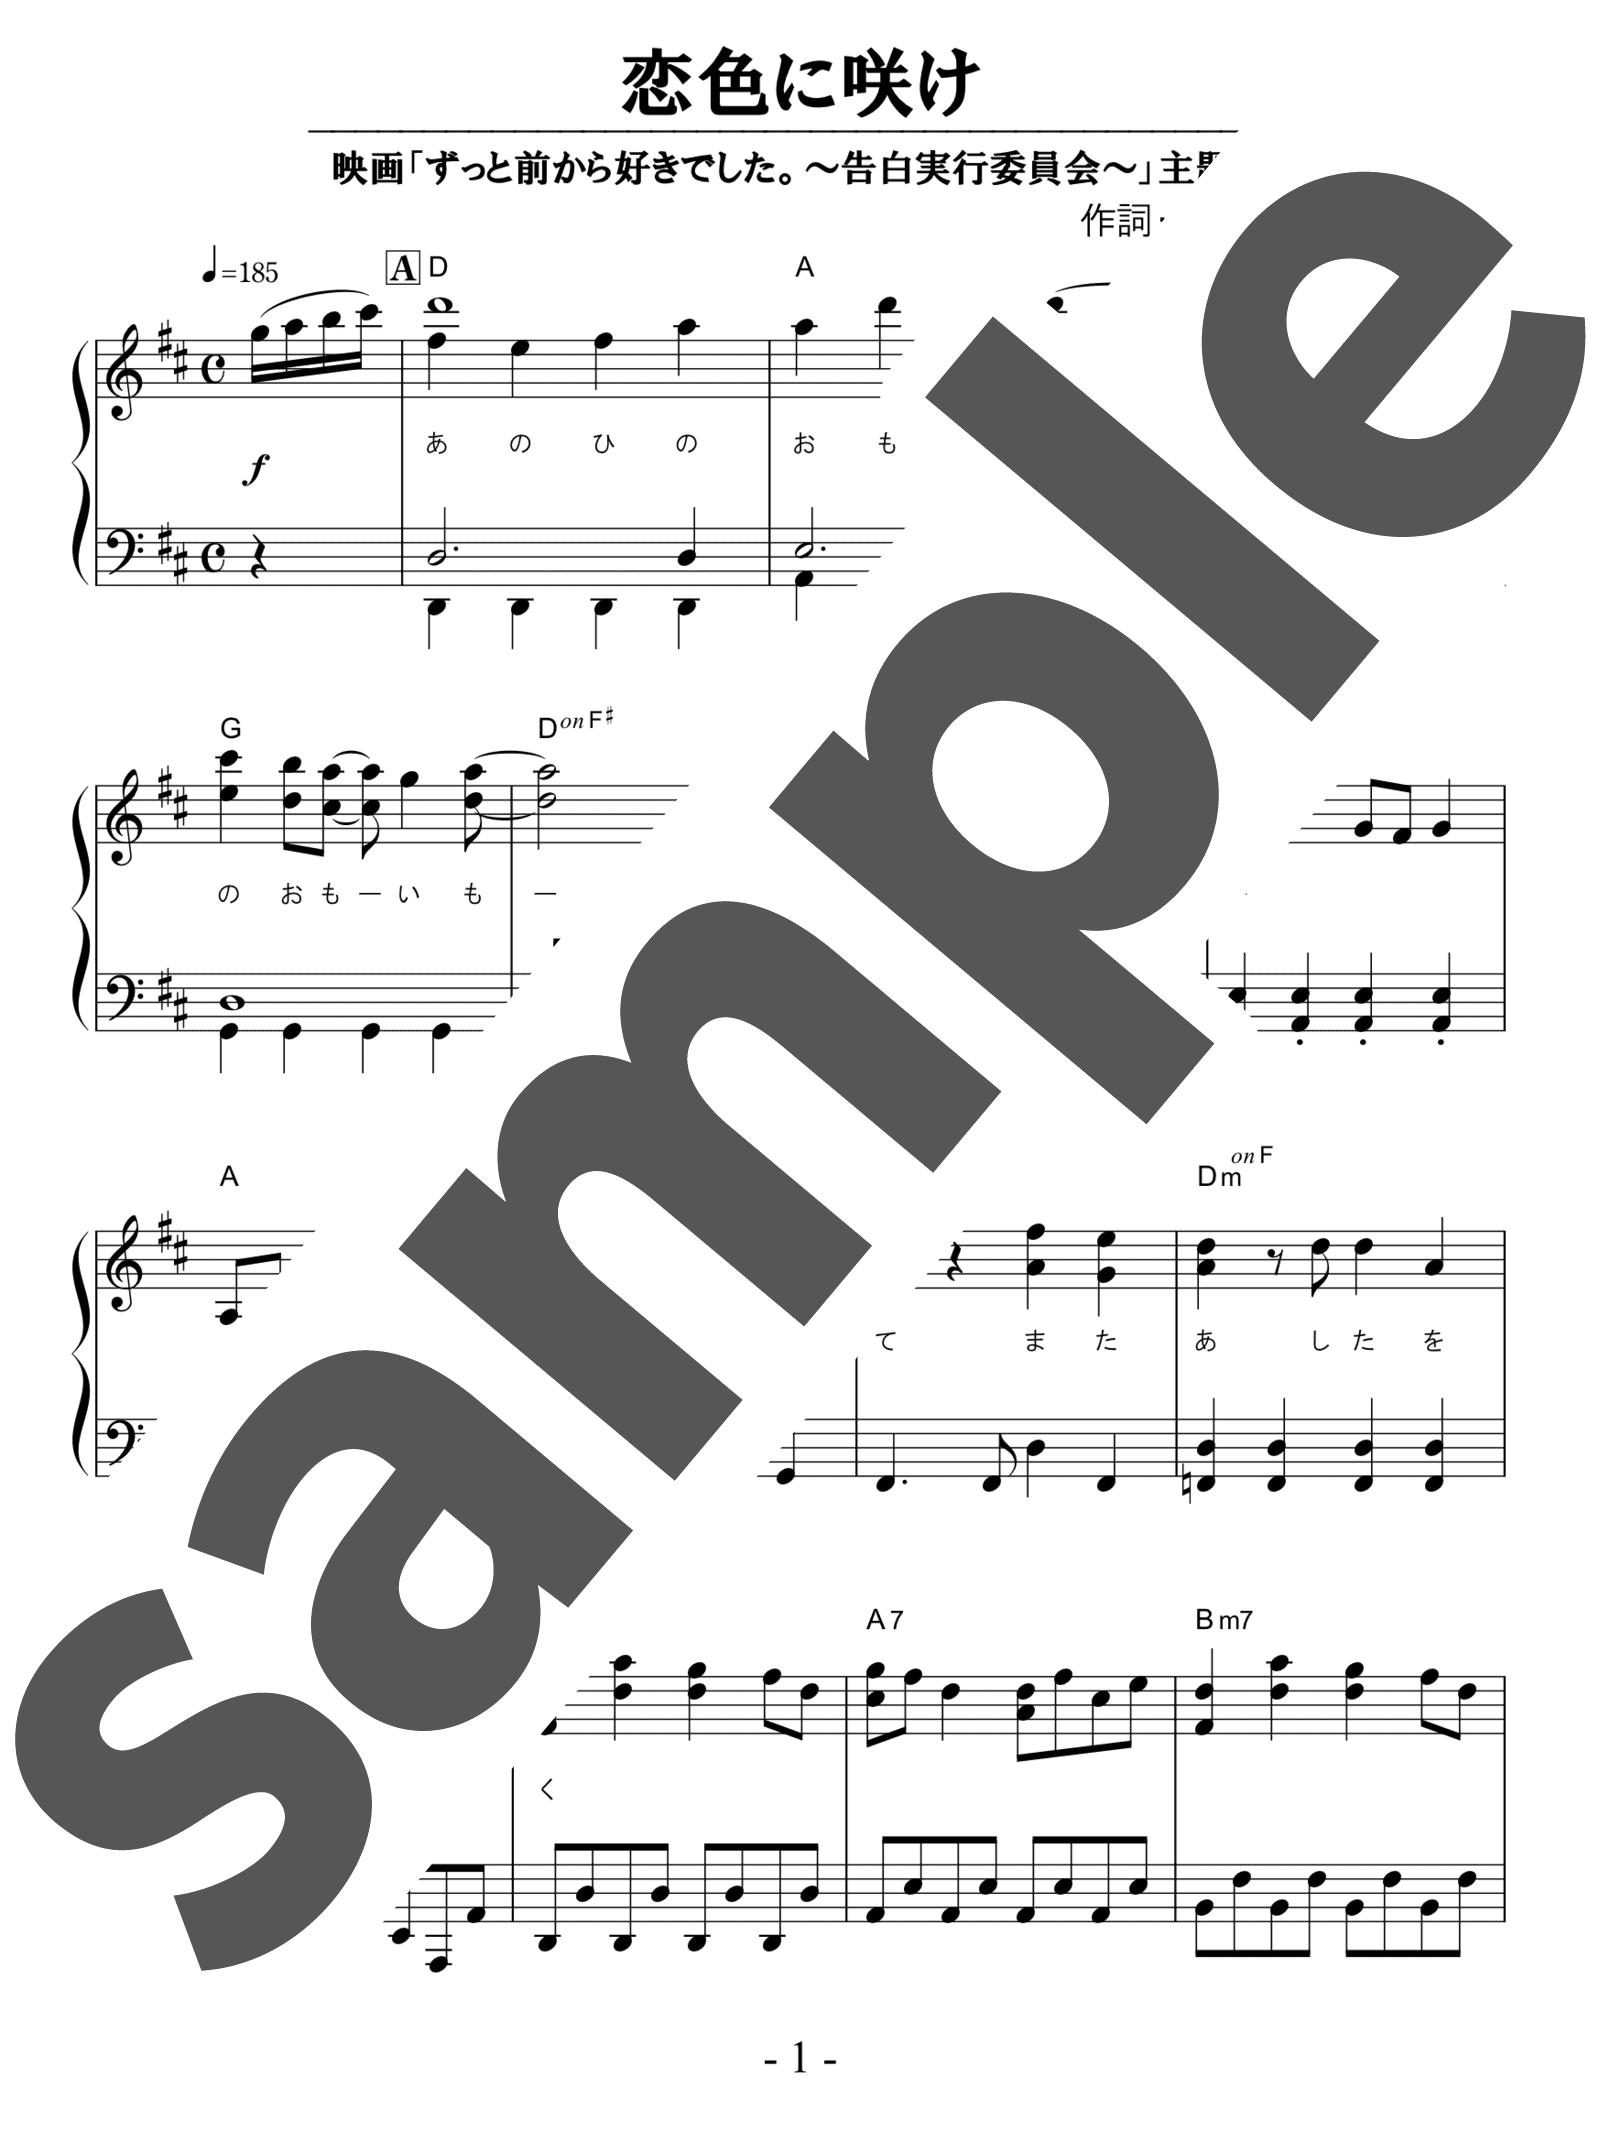 「恋色に咲け」のサンプル楽譜